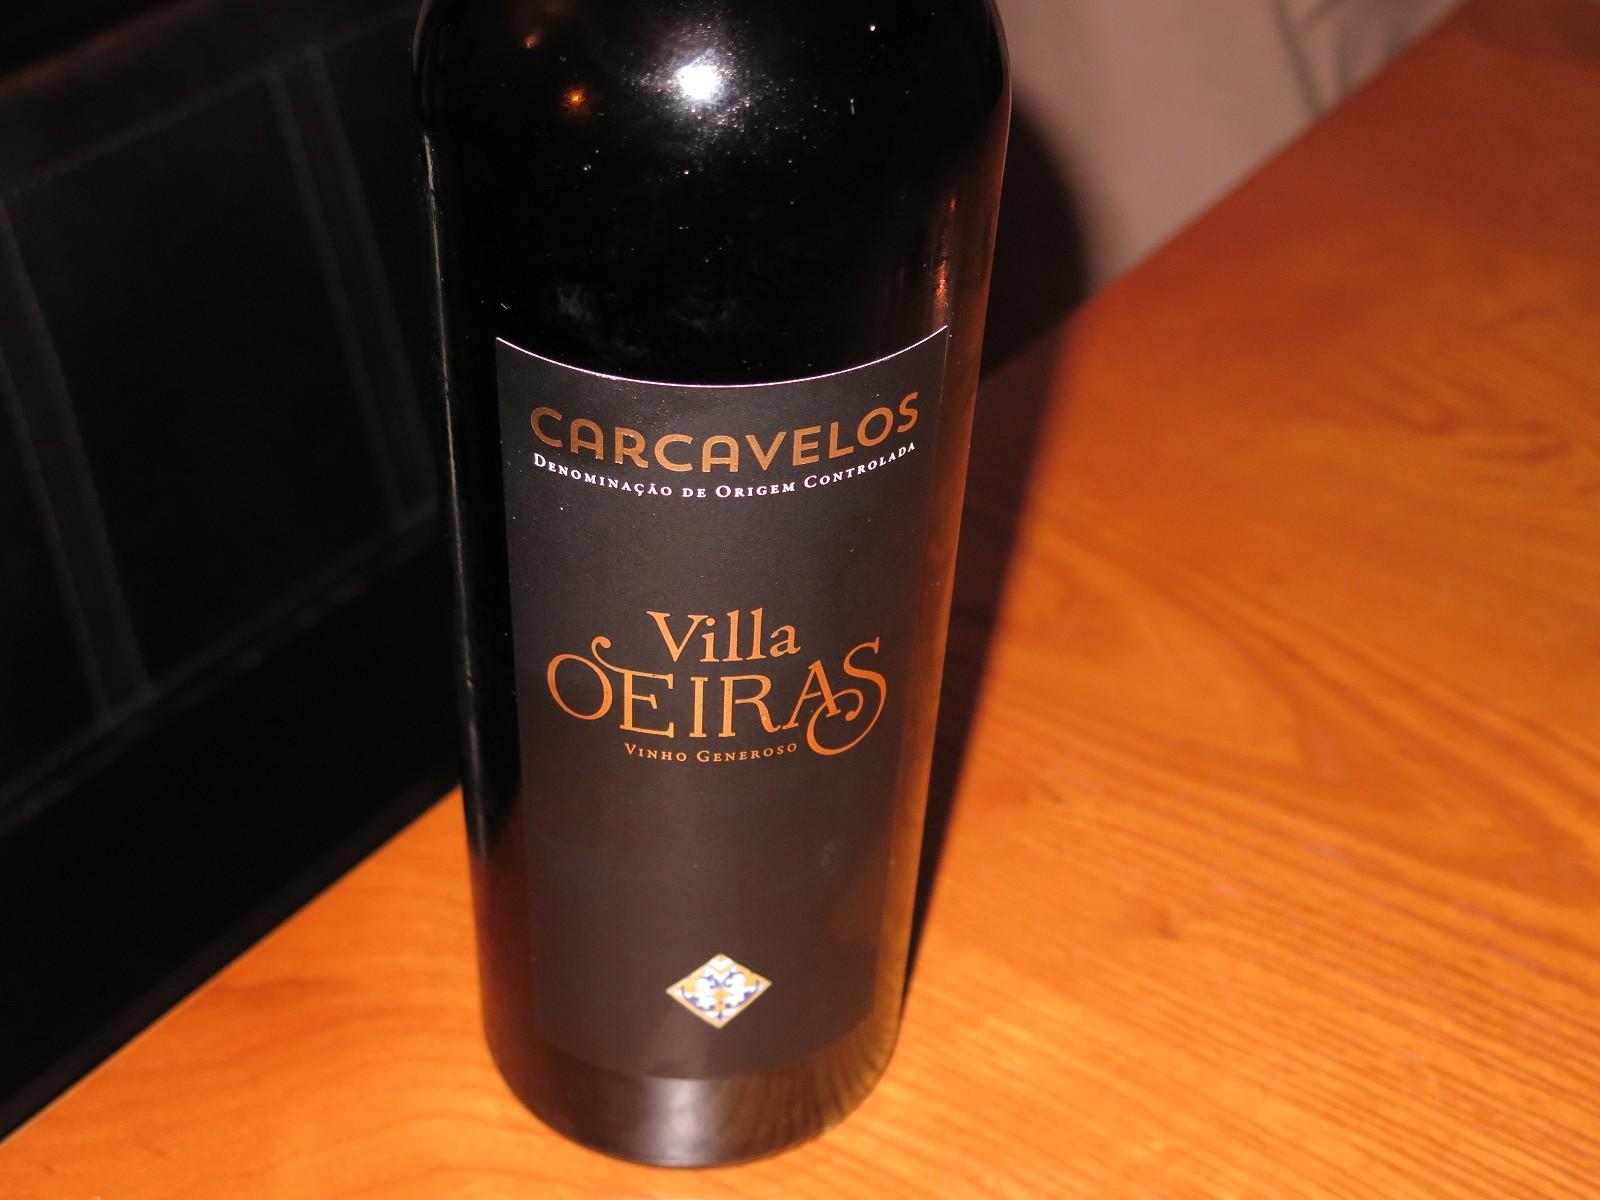 Olavo Silva e o Villa Oeiras, Carcavelos DOC, 10 anos